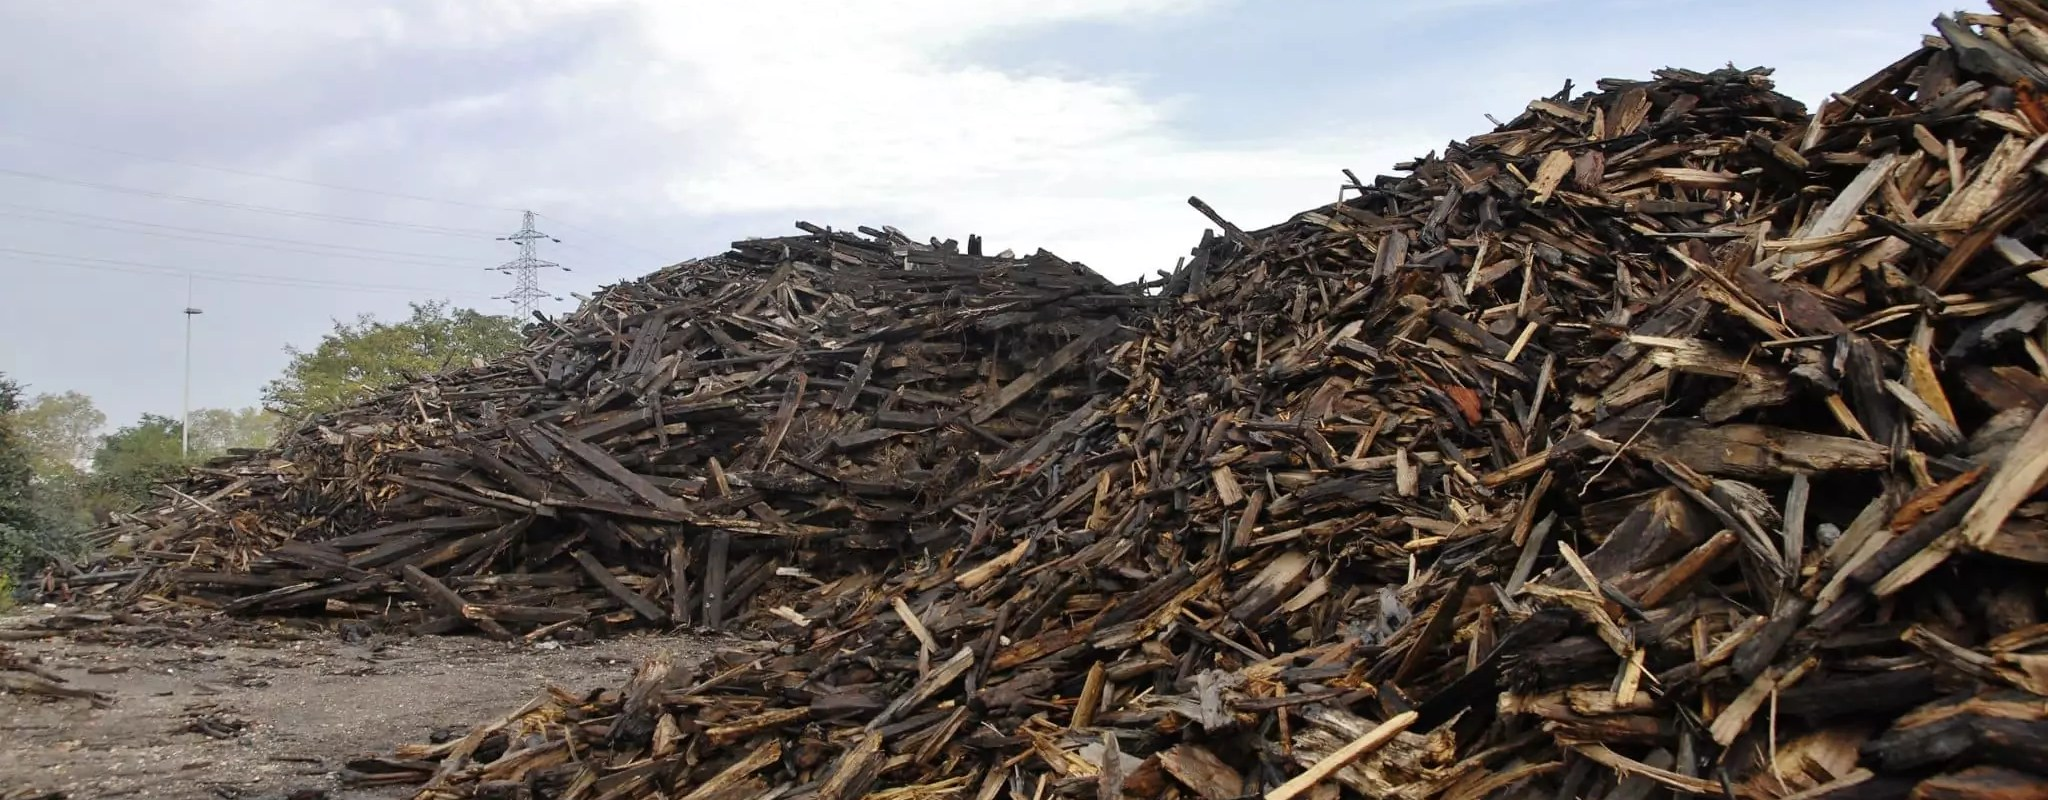 Bois toxique au Port du Rhin: l'entreprise ne pouvait pas «laisser ses clients sur le tapis»